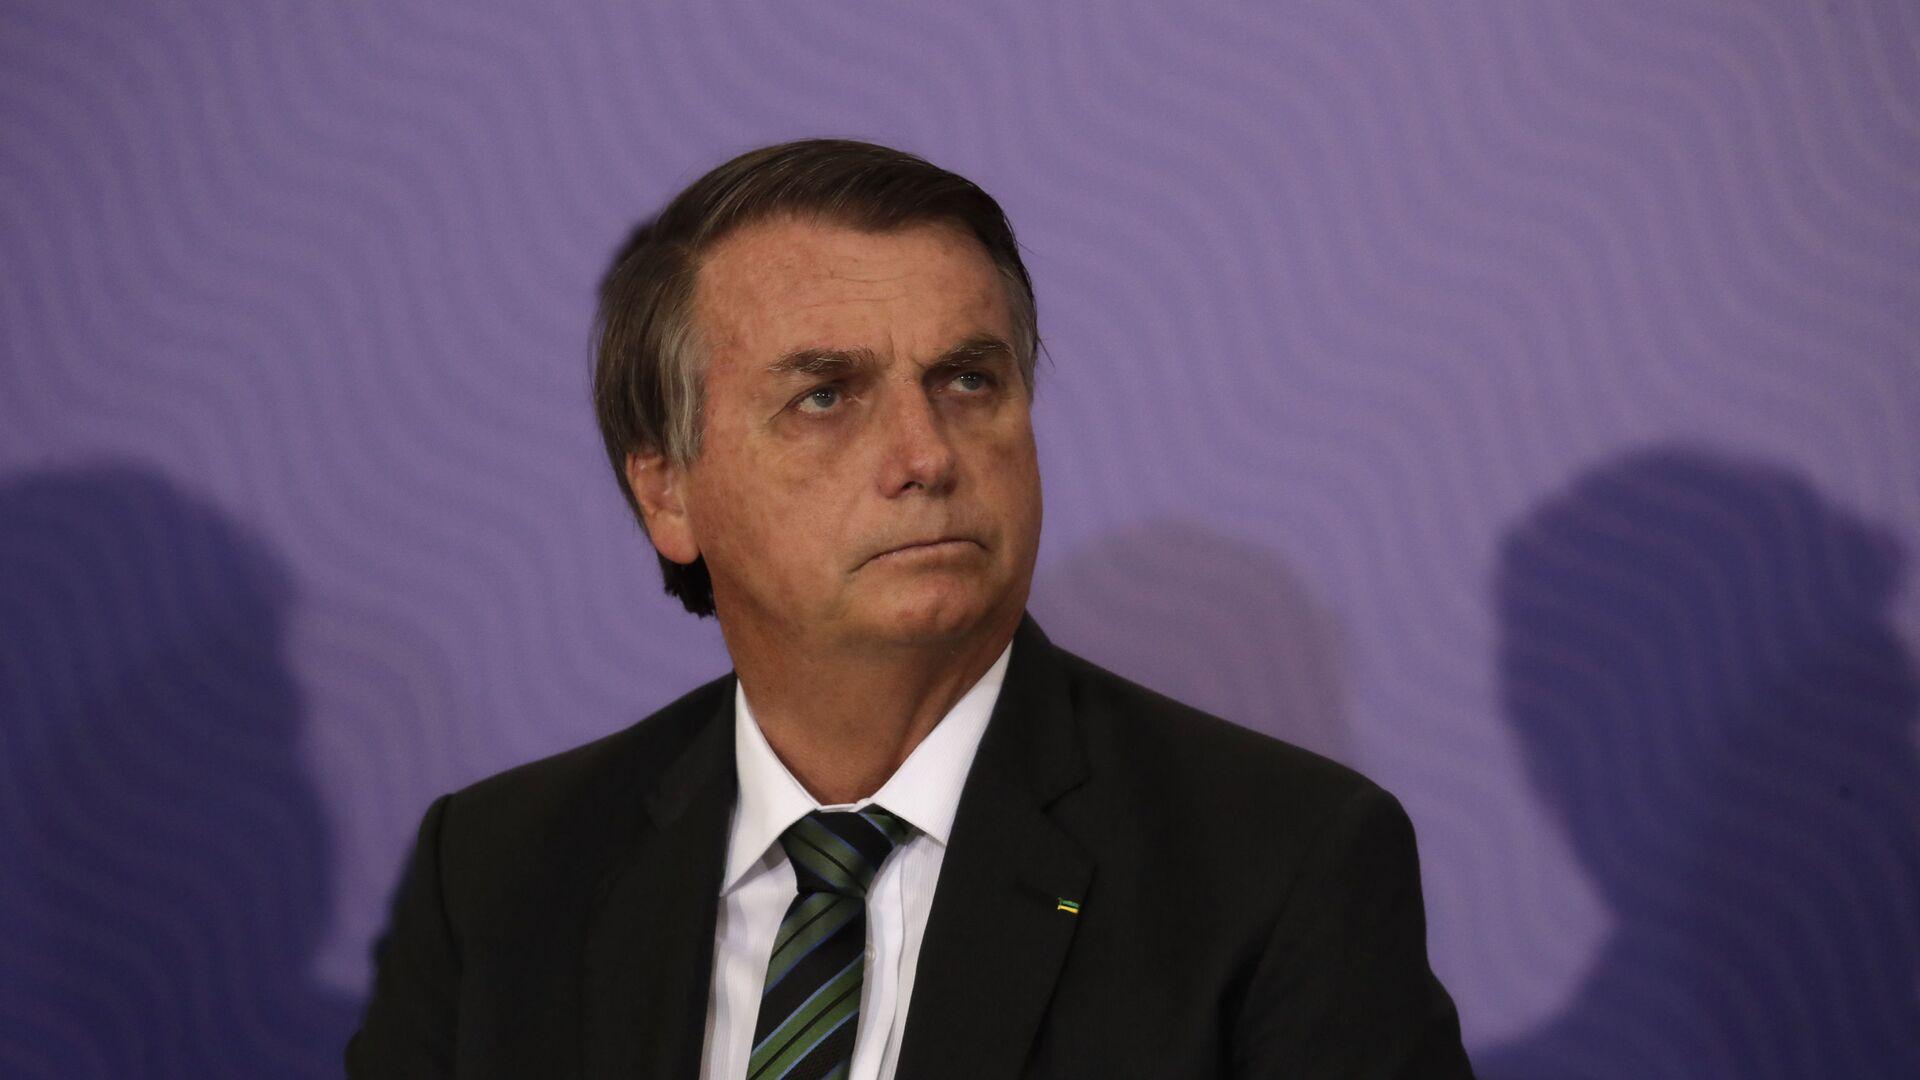 Jair Bolsonaro, presidente del Brasile - Sputnik Italia, 1920, 31.03.2021